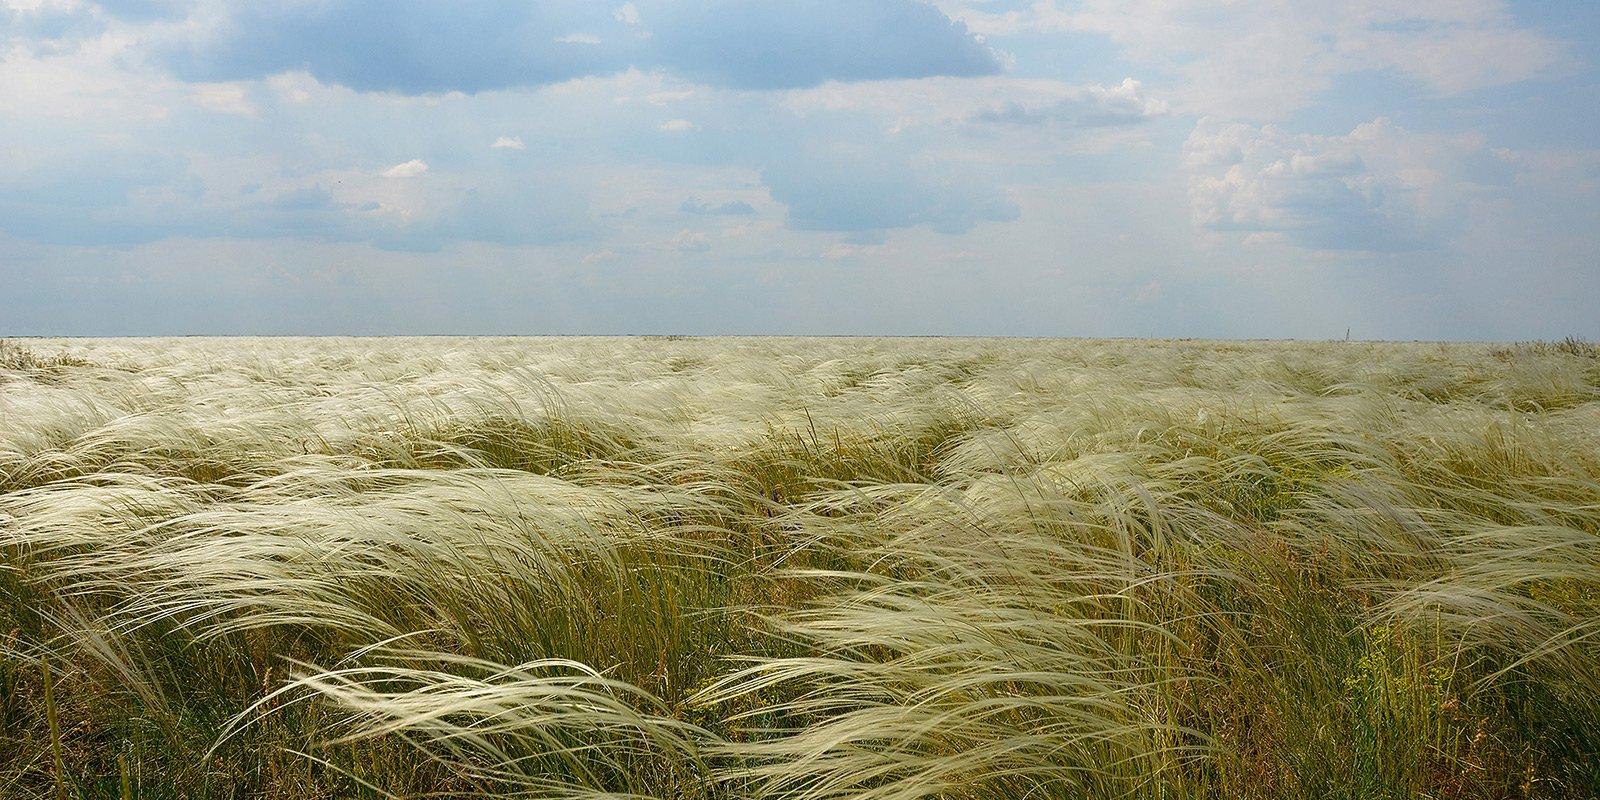 70% рослинності заповідника складають різні види ковили,   який сам по собі вважається зникаючим видом.   В квітні-травні оксамитова ковила перекочується    хвилями під подихом степового вітру.